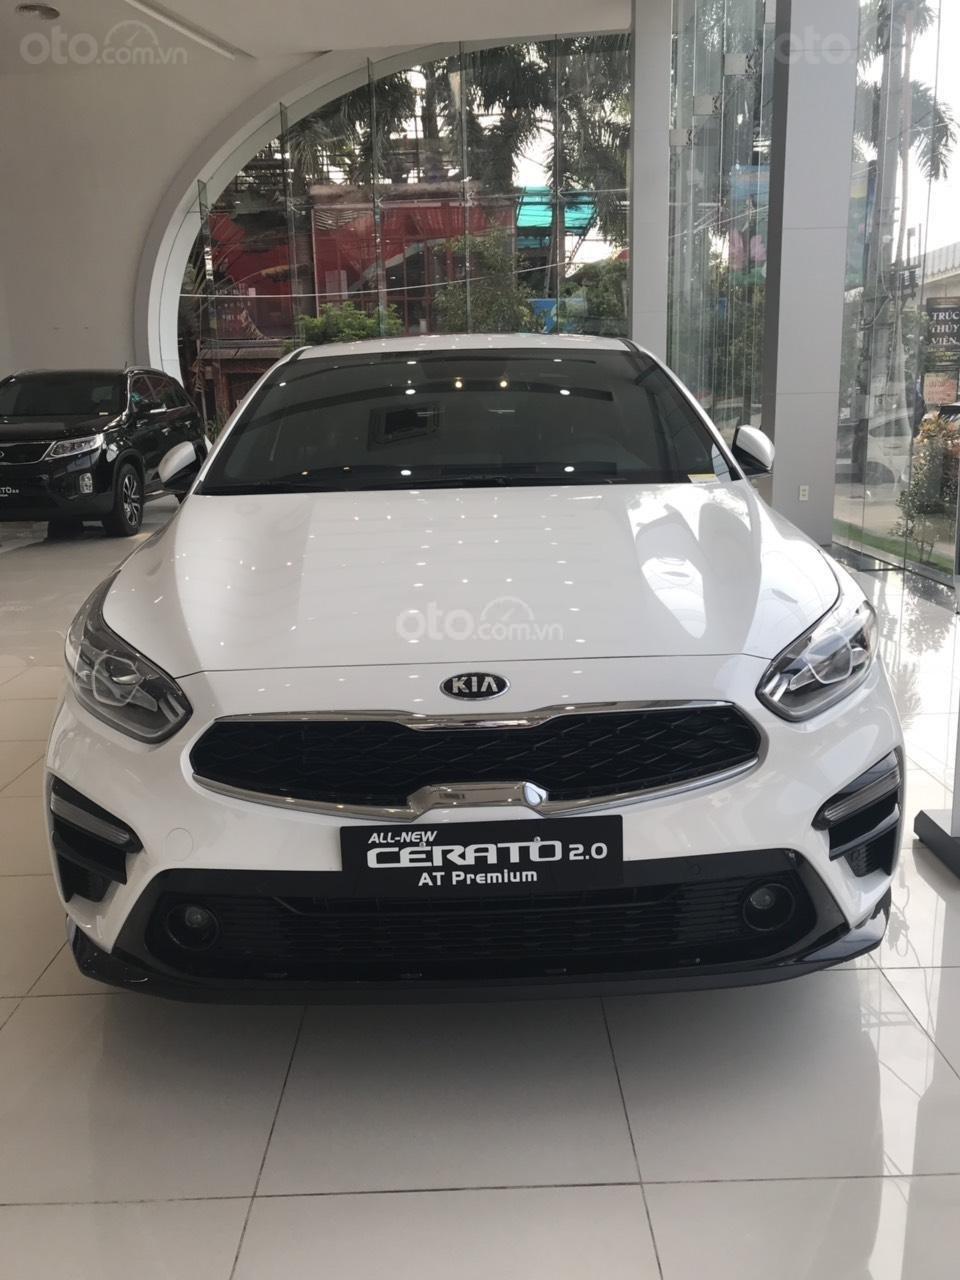 Cần bán chiếc xe Kia Cerato, 2019, màu trắng, giá cực kì hấp dẫn (1)